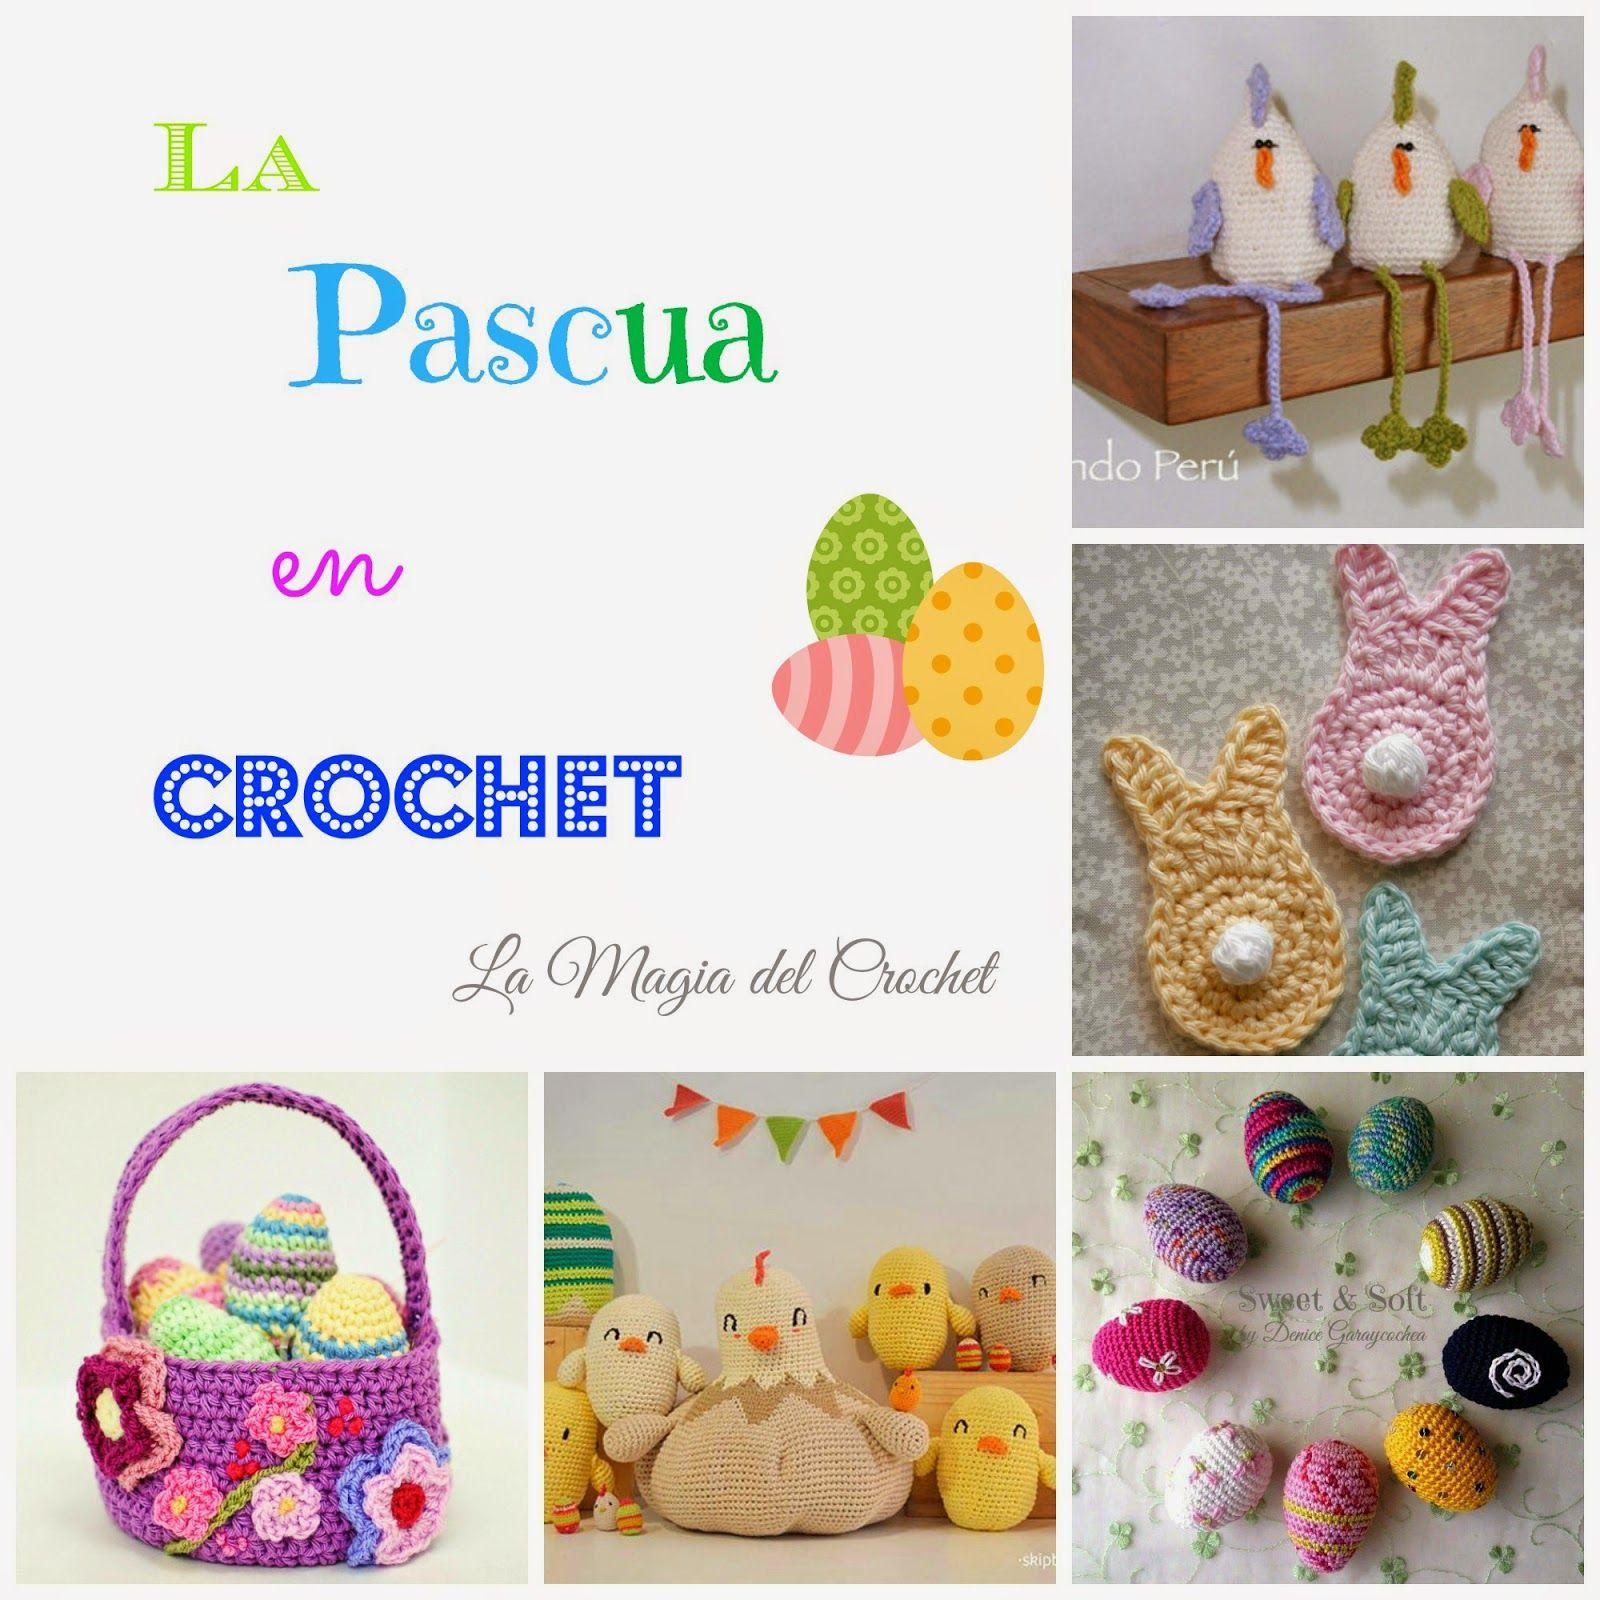 La Magia del Crochet: LA PASCUA EN CROCHET | Patrones | Pinterest ...